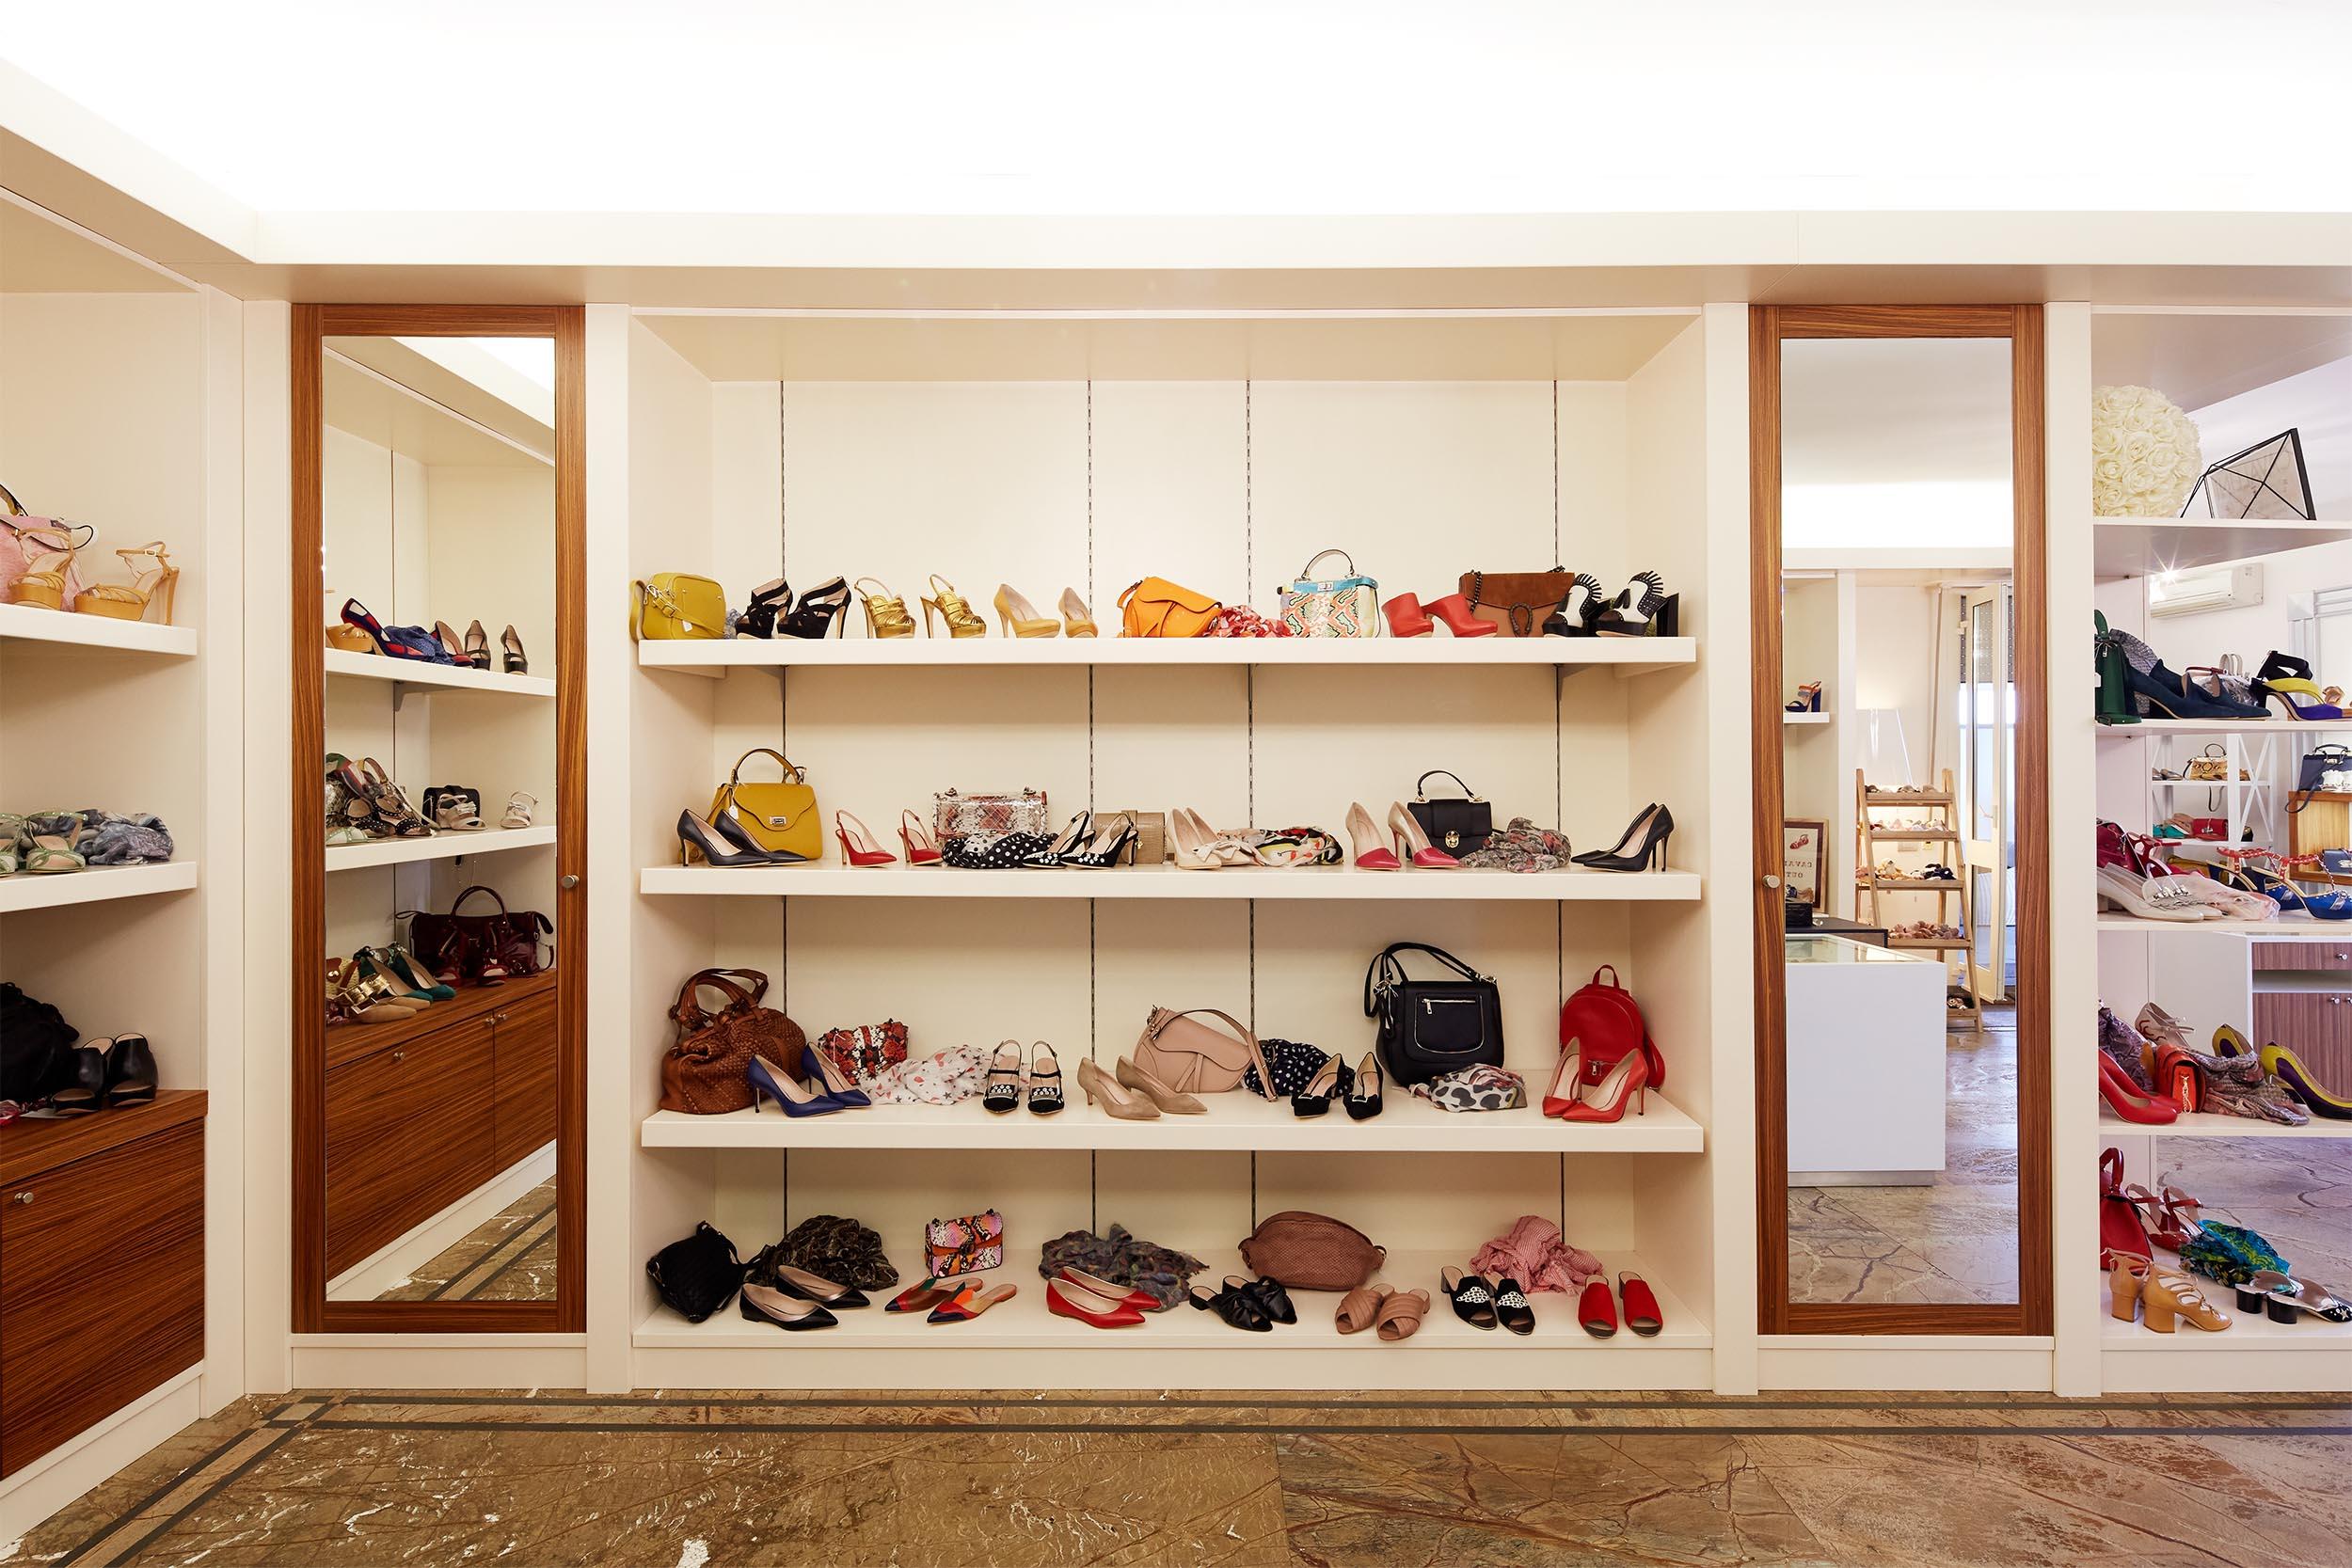 270417_cavallini-showroom-4.jpg